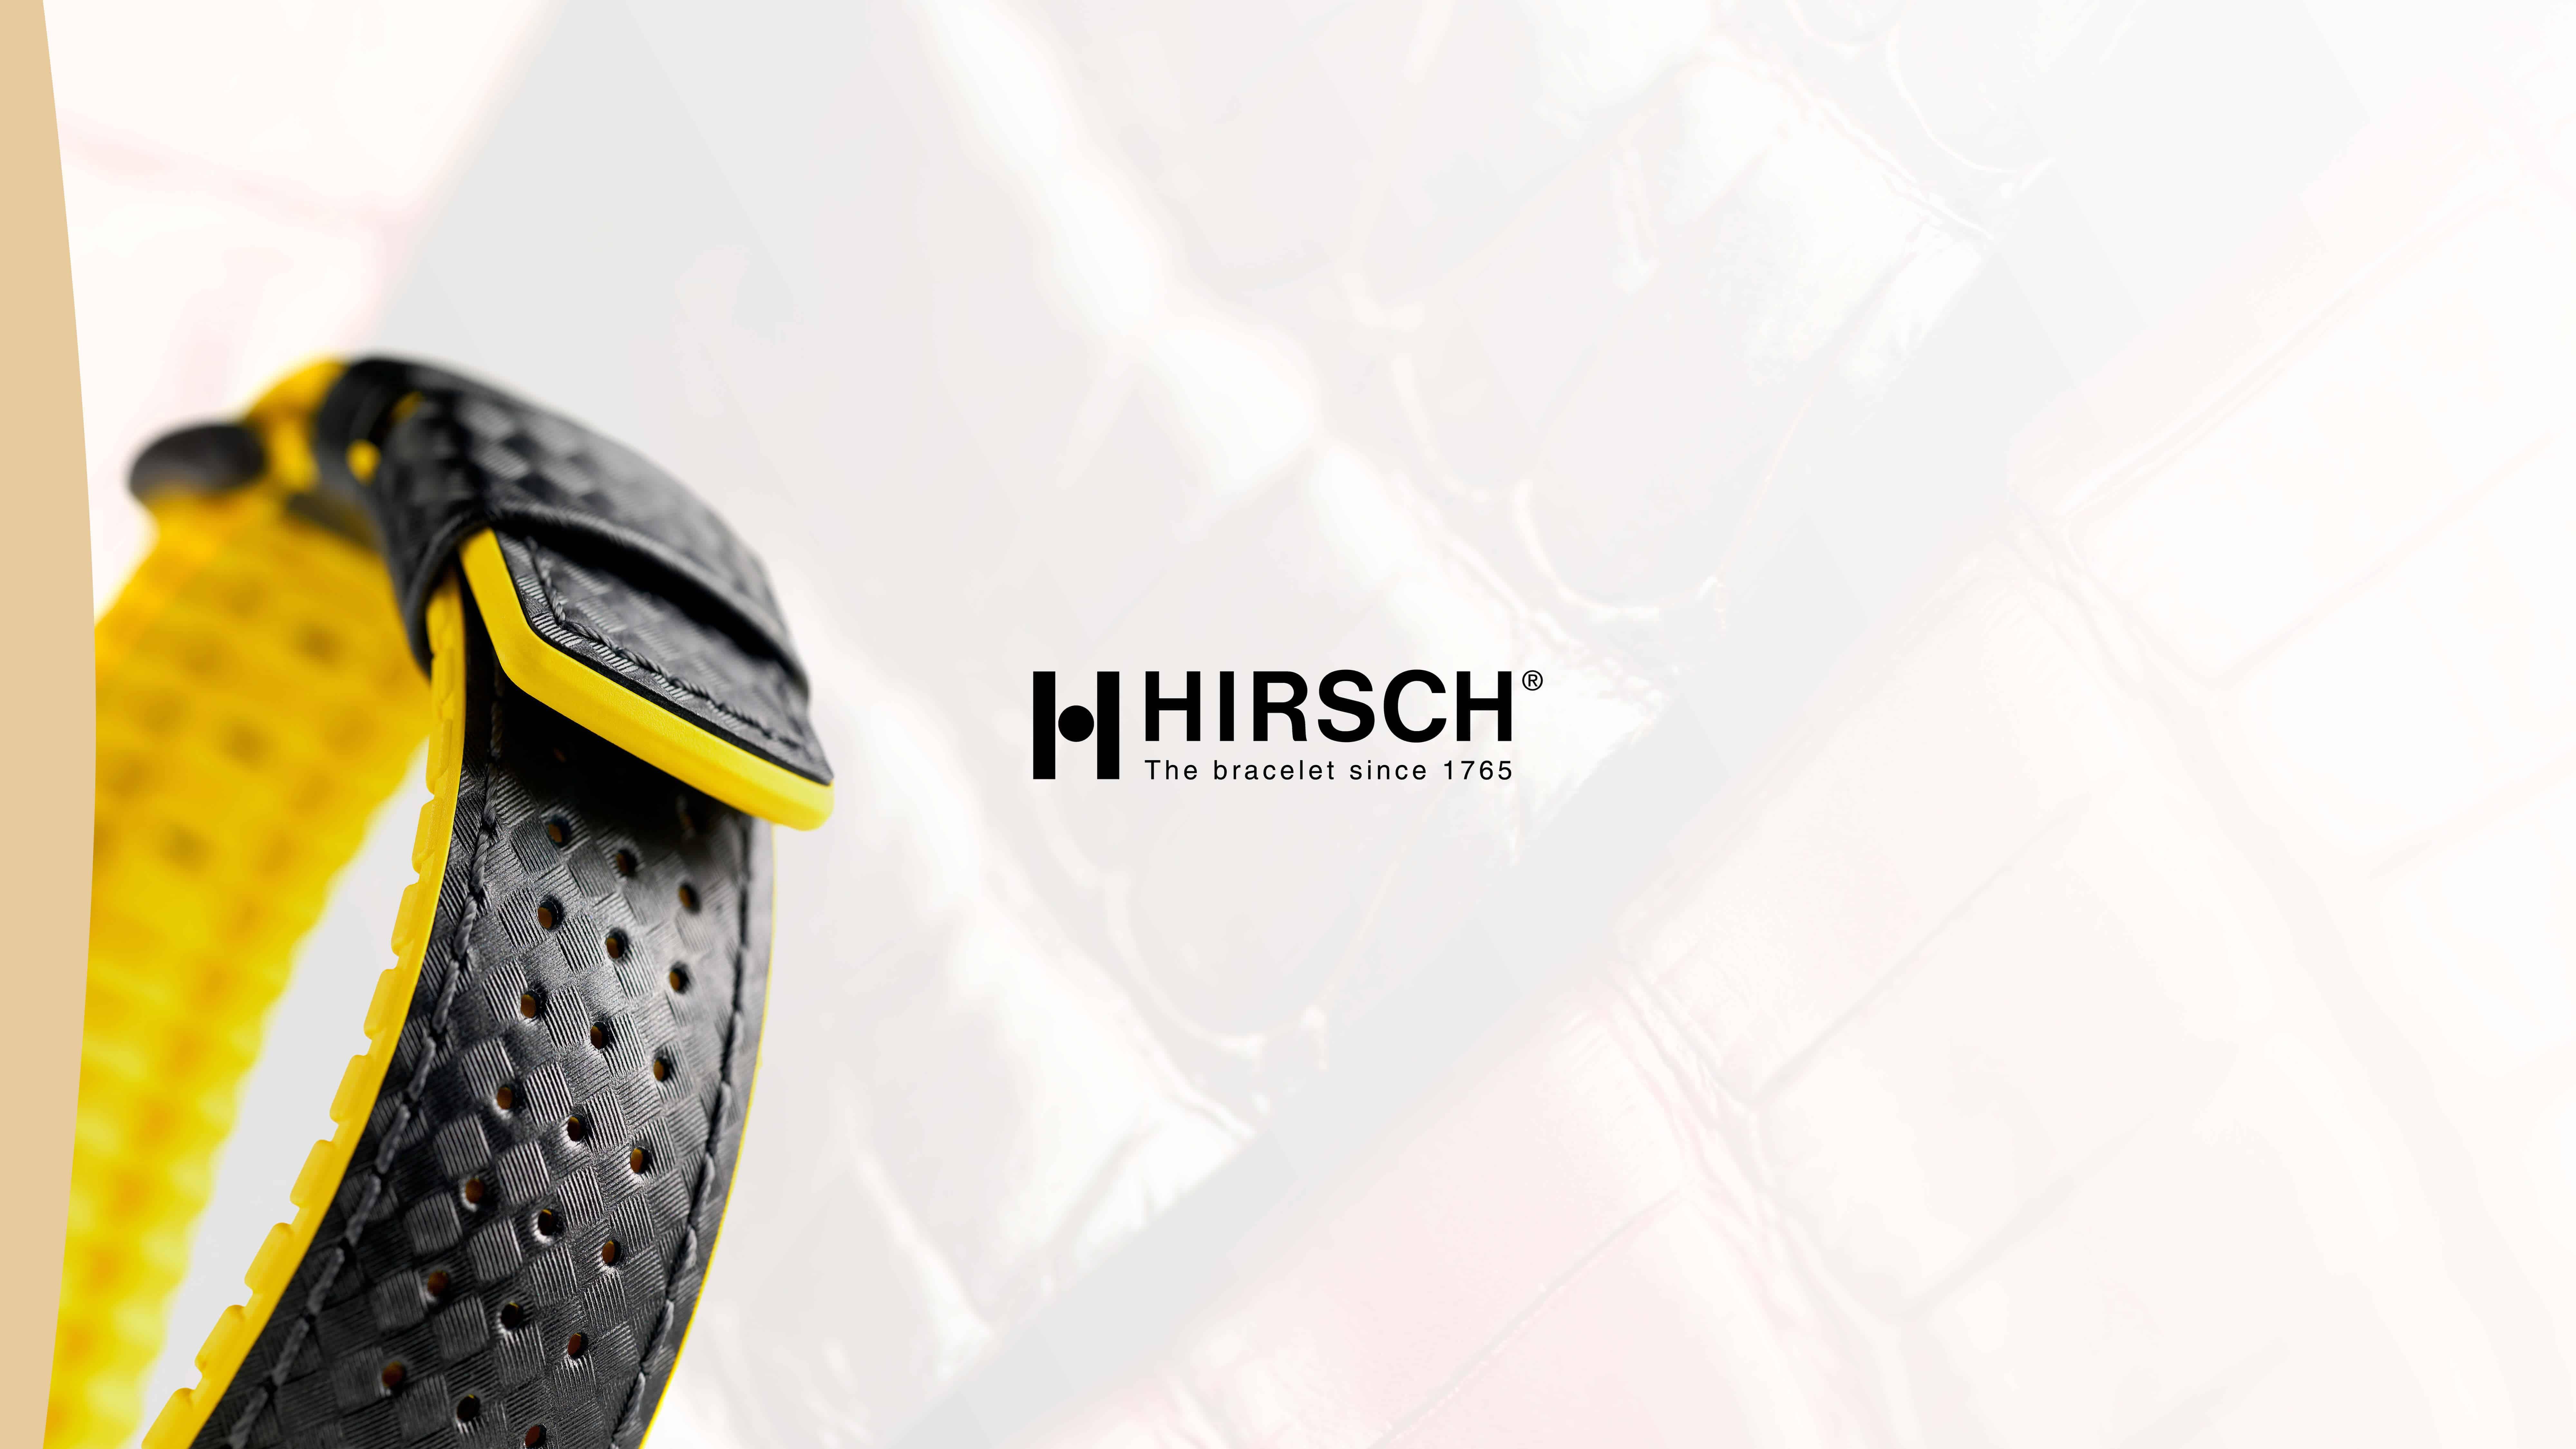 hirsch_Aufbereitung_01